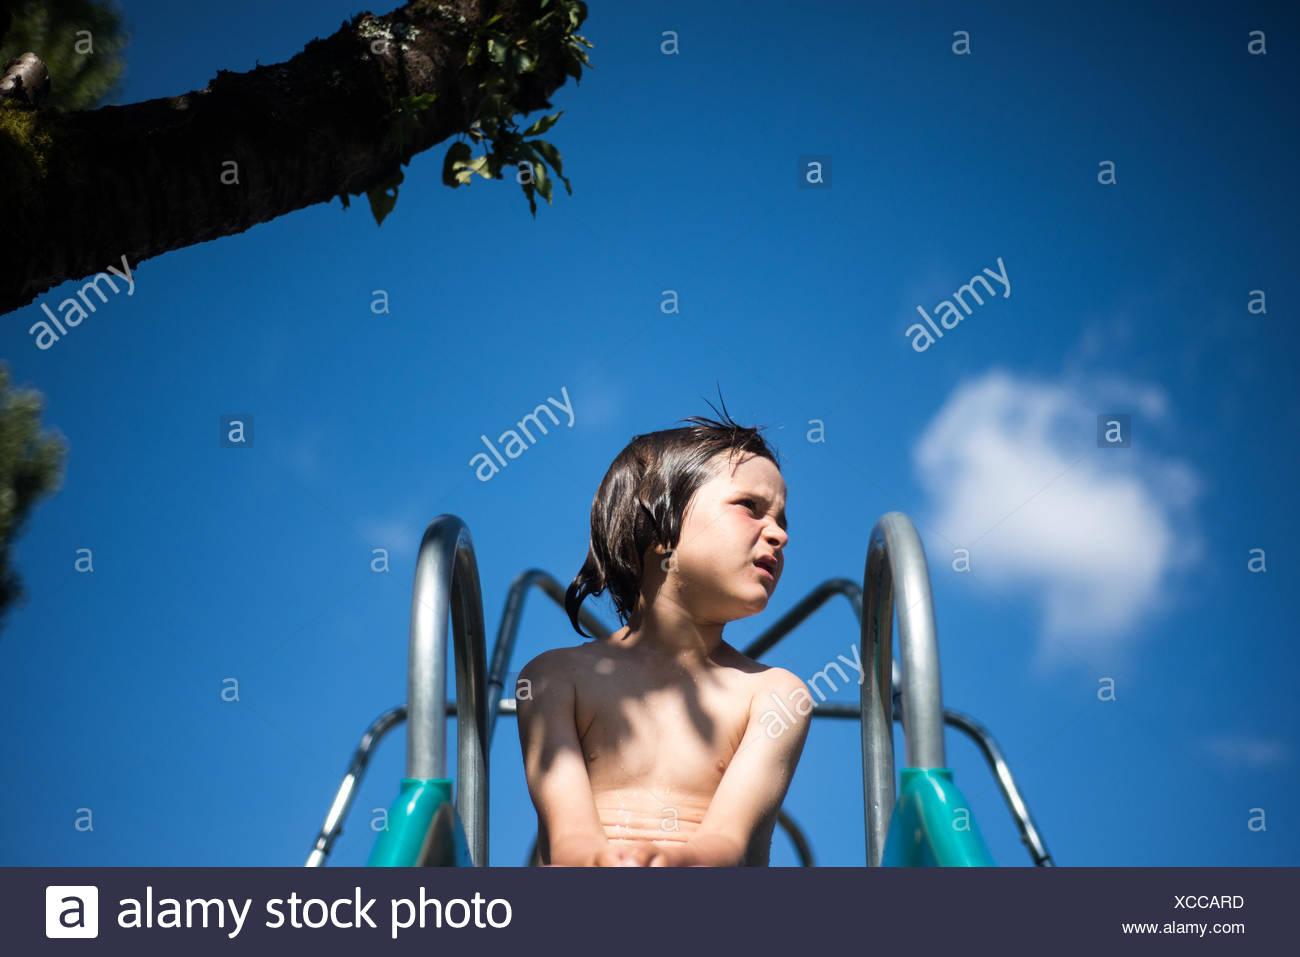 Chico en la parte superior de la diapositiva patio mirando lejos Imagen De Stock